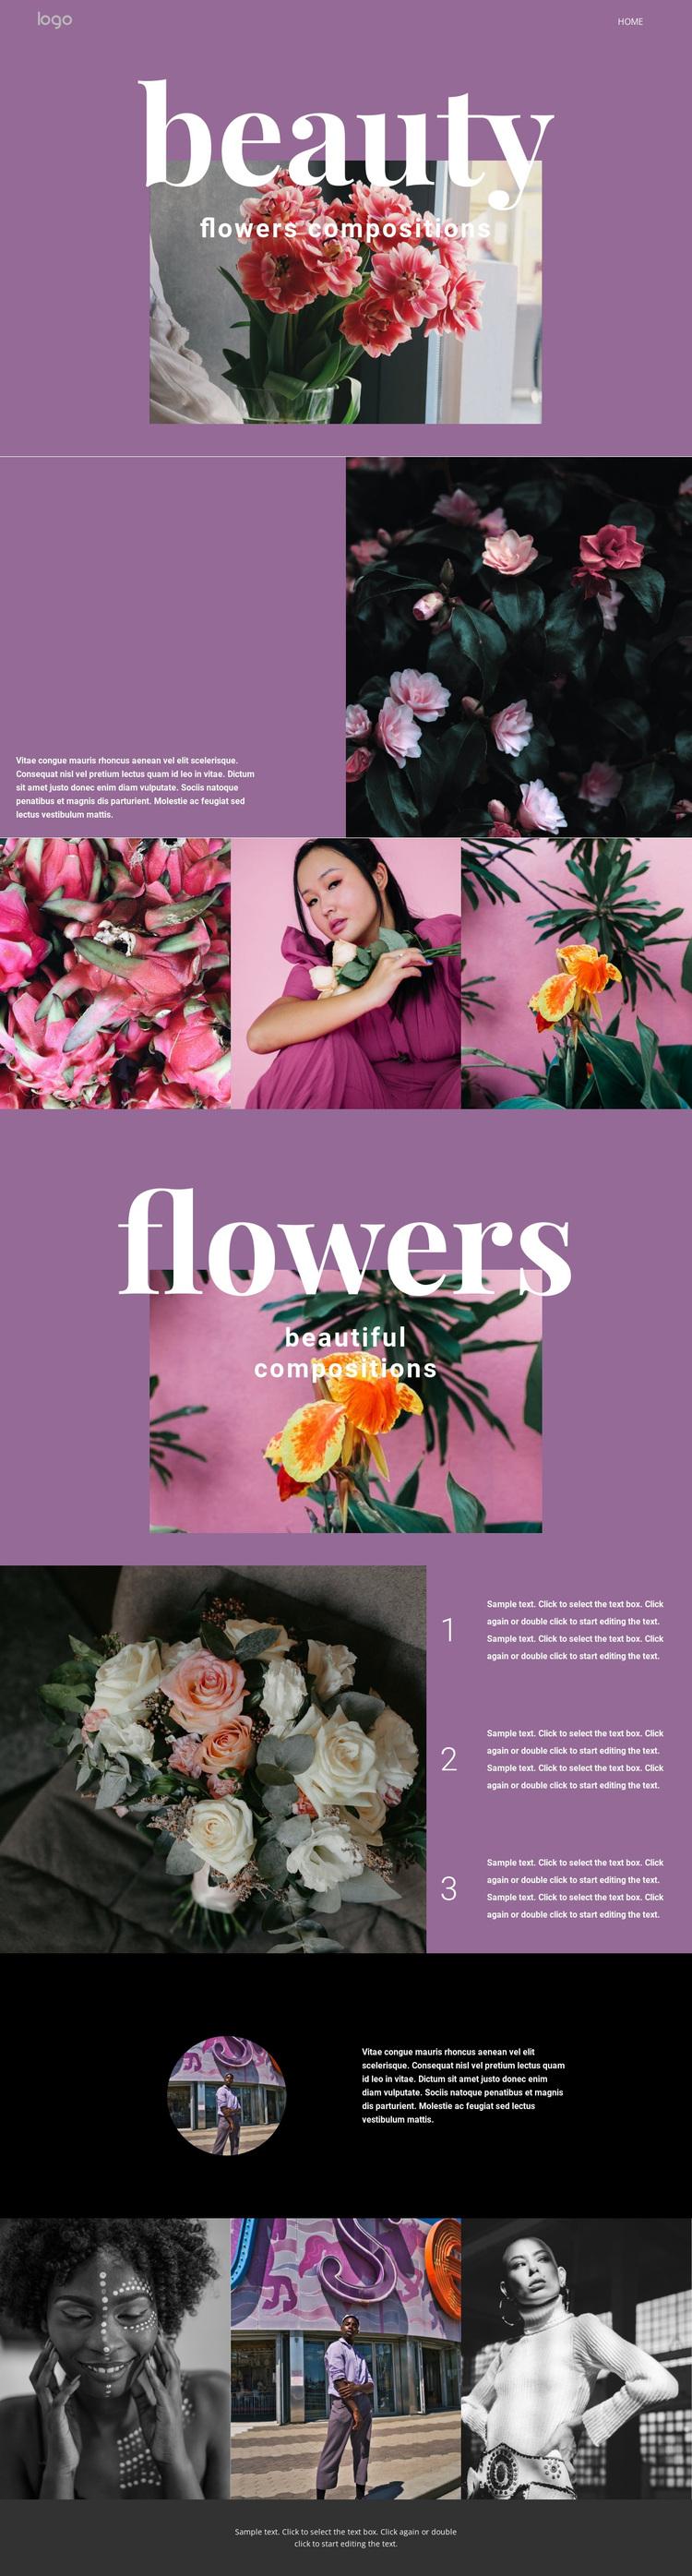 Flower salon Joomla Page Builder